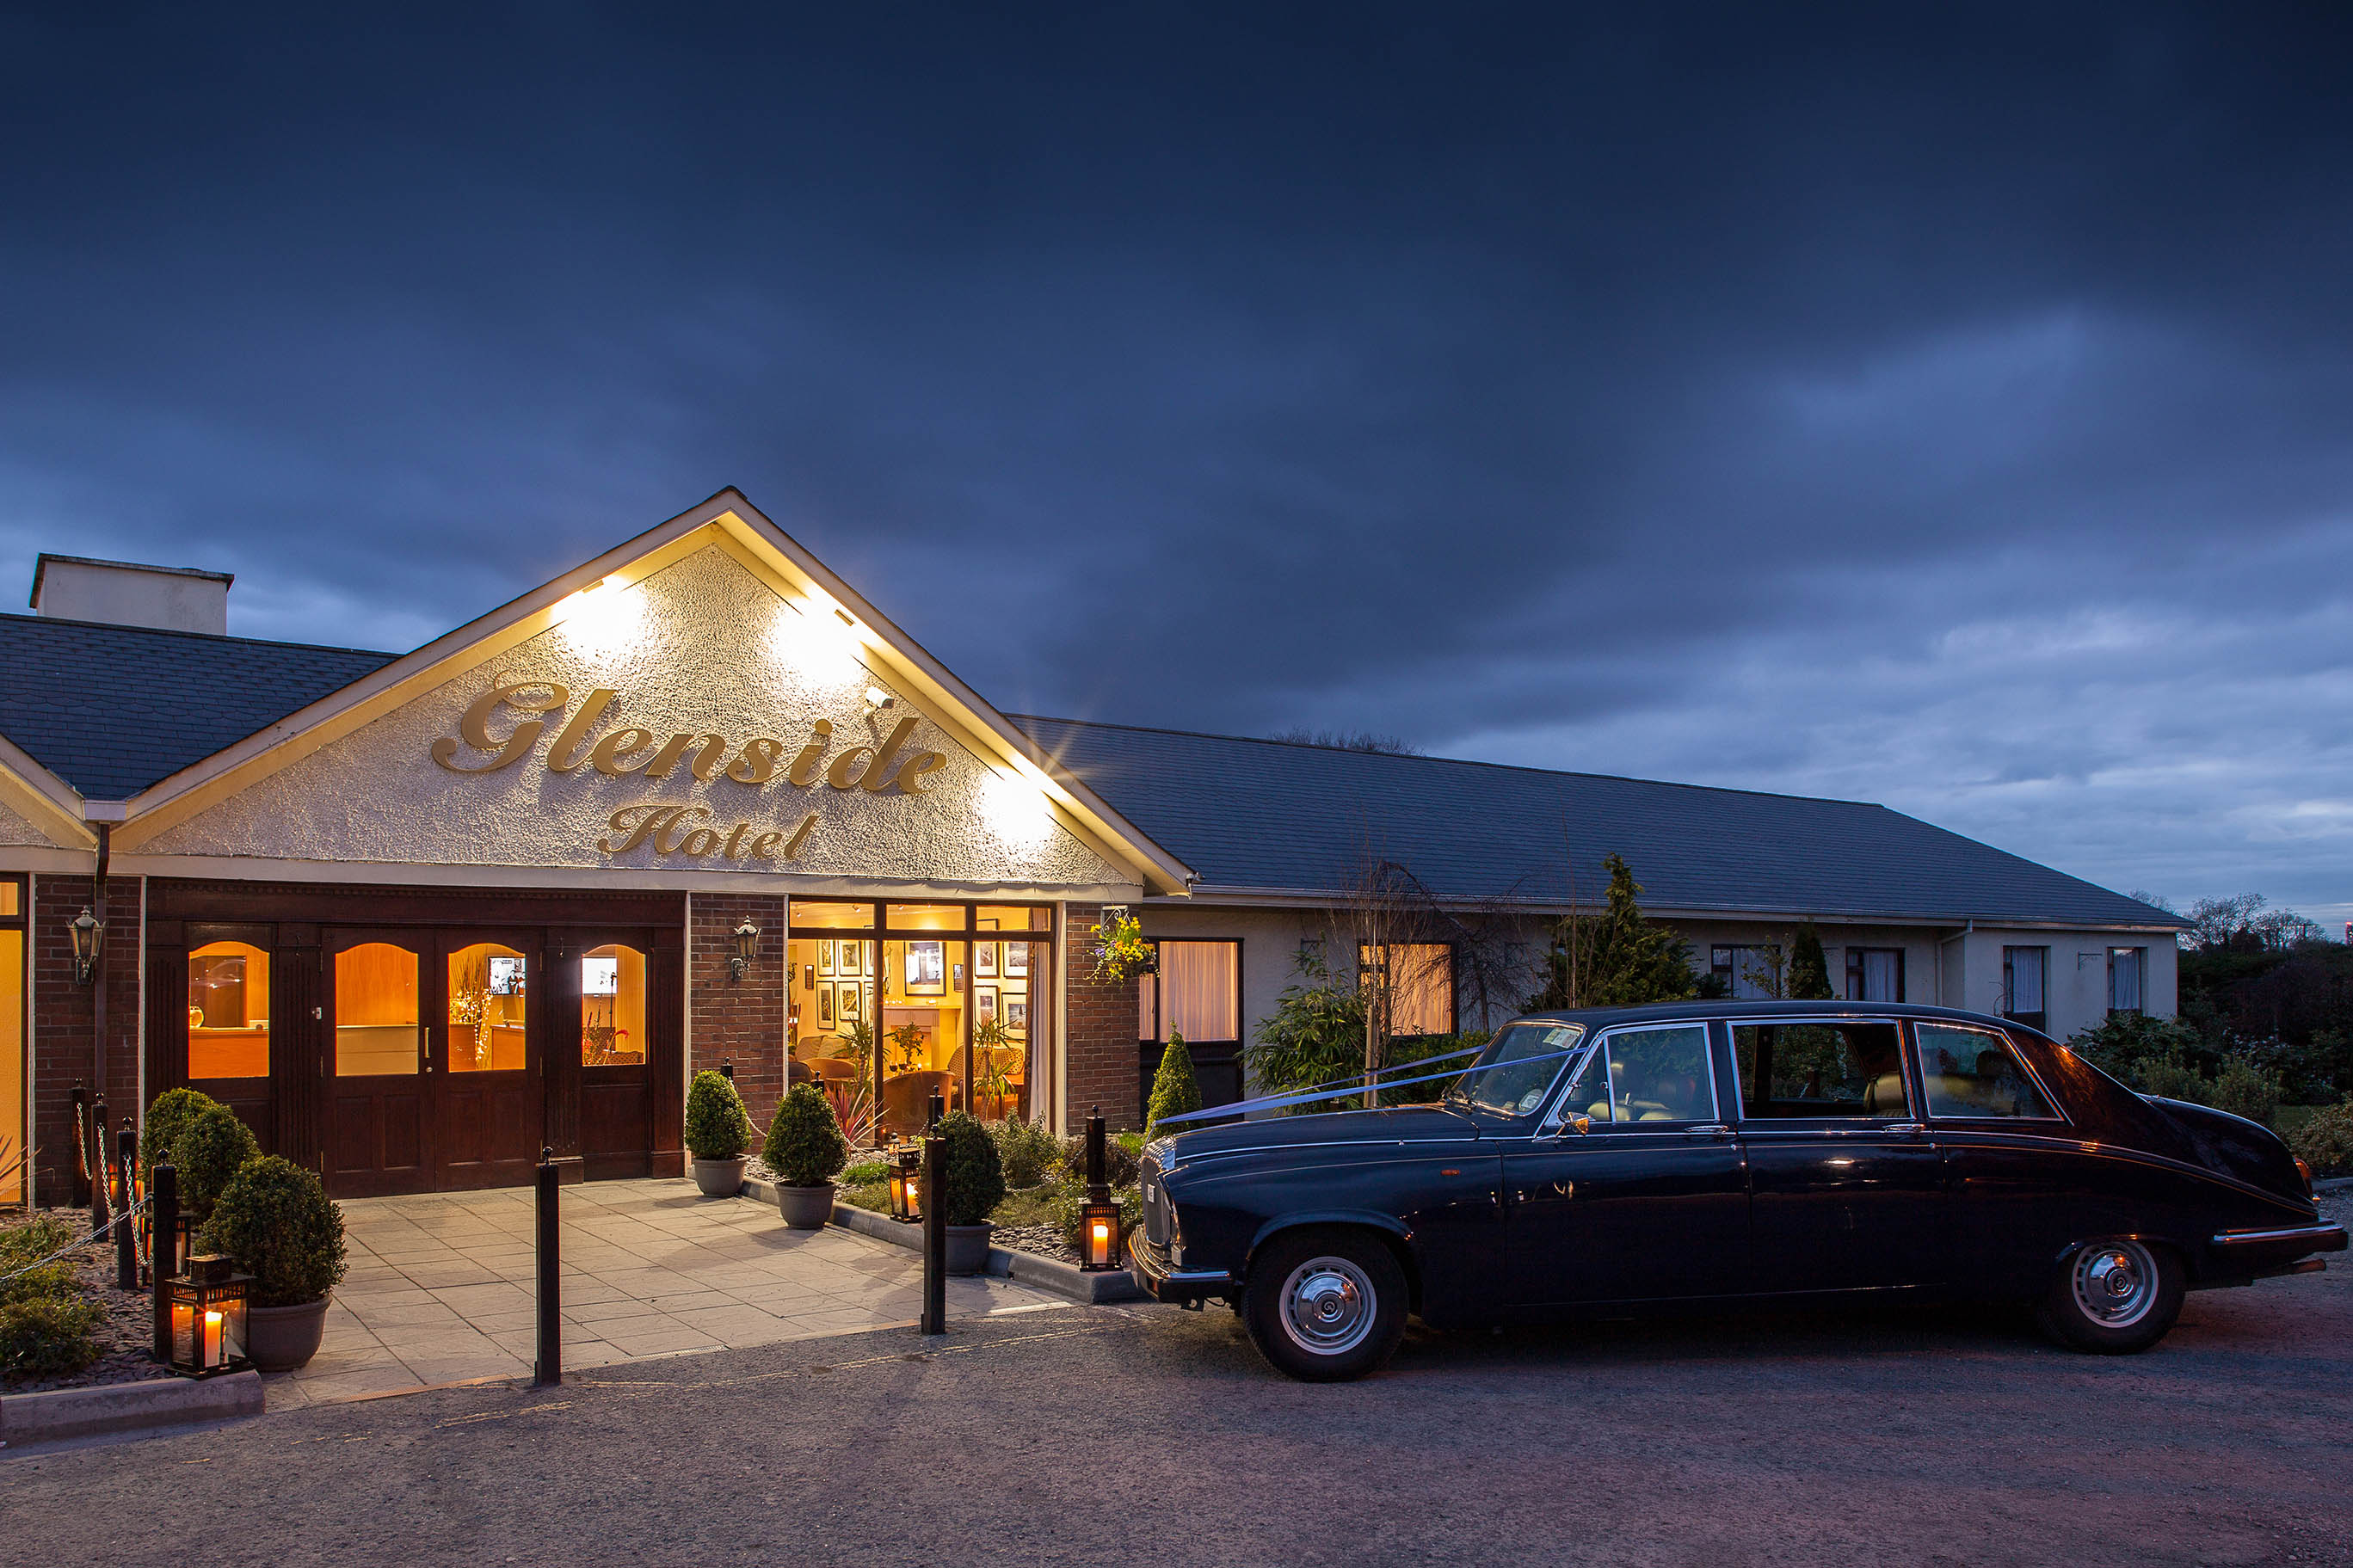 The Glenside Hotel